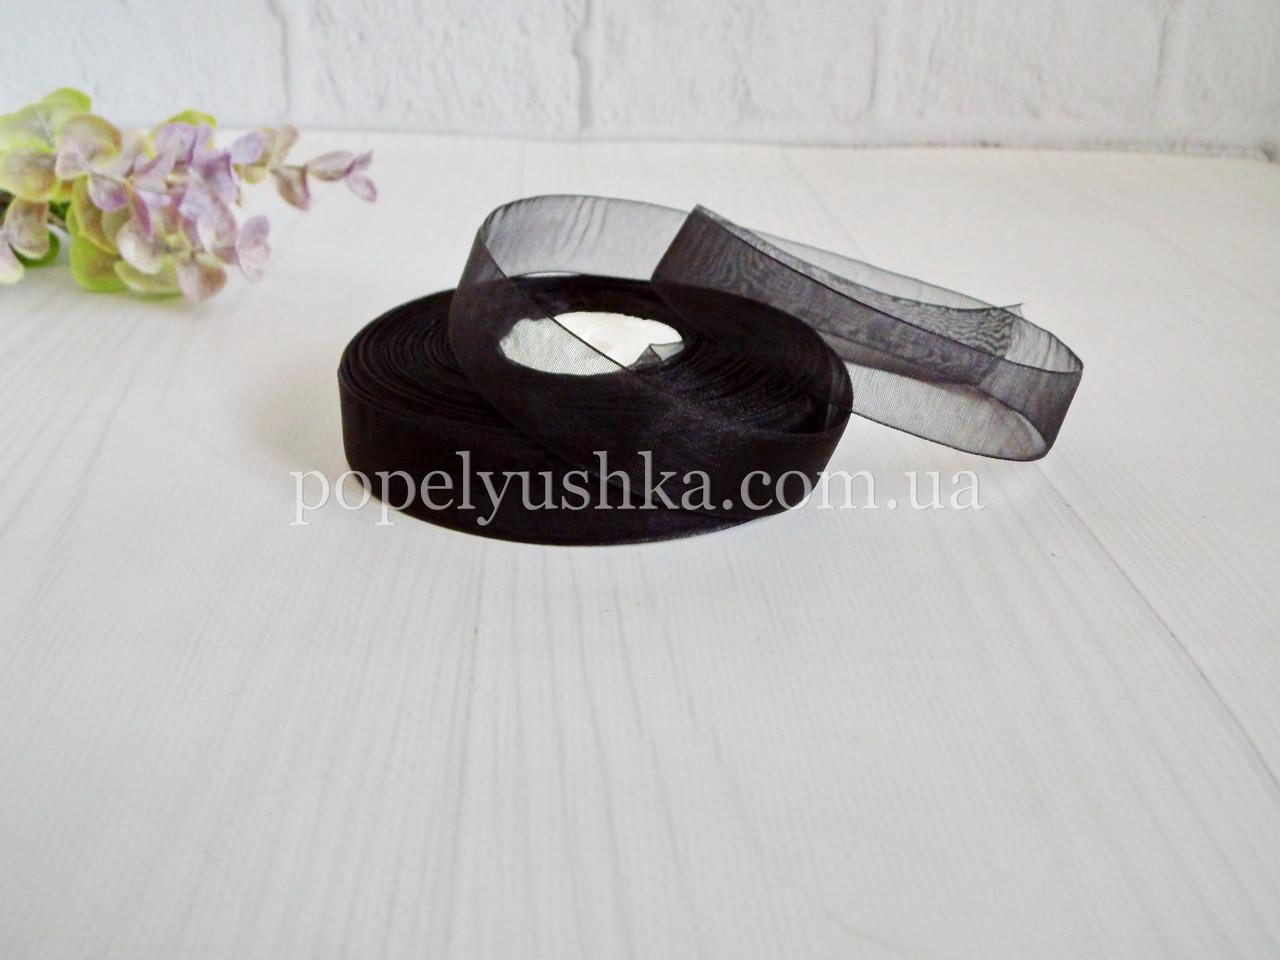 Органза 2 см чорна